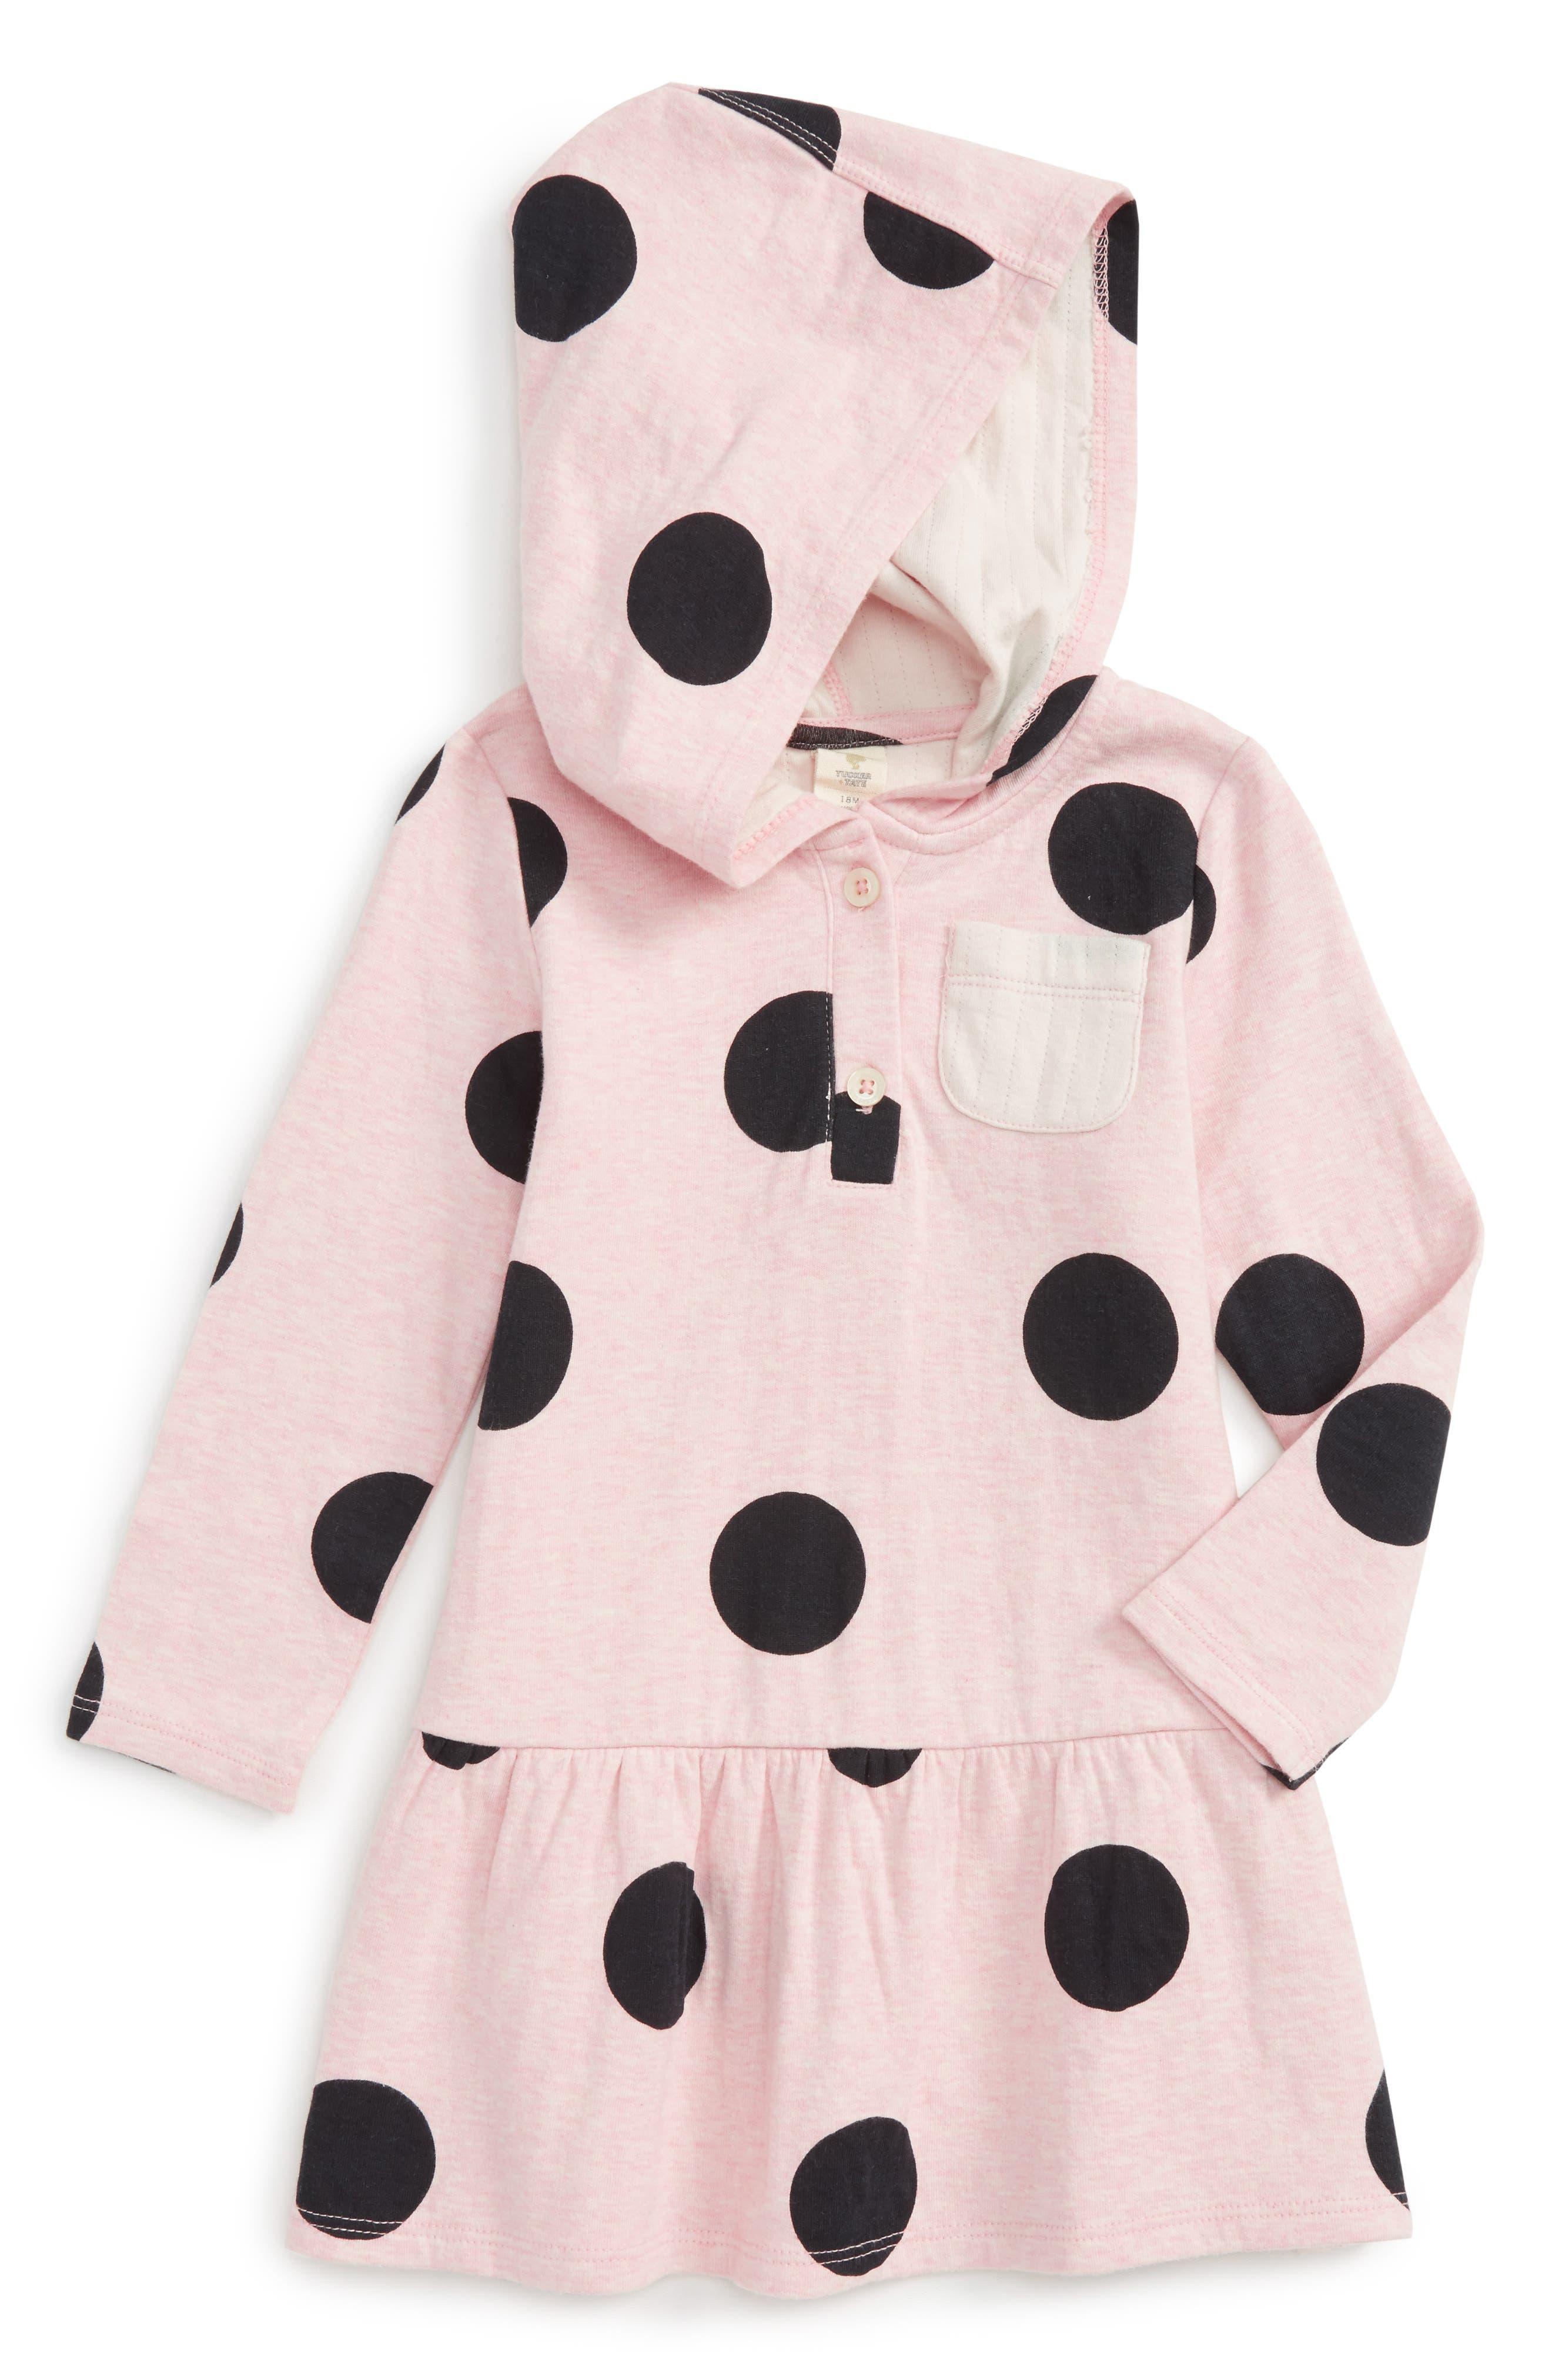 Main Image - Tucker + Tate Hooded Dress (Baby Girls)